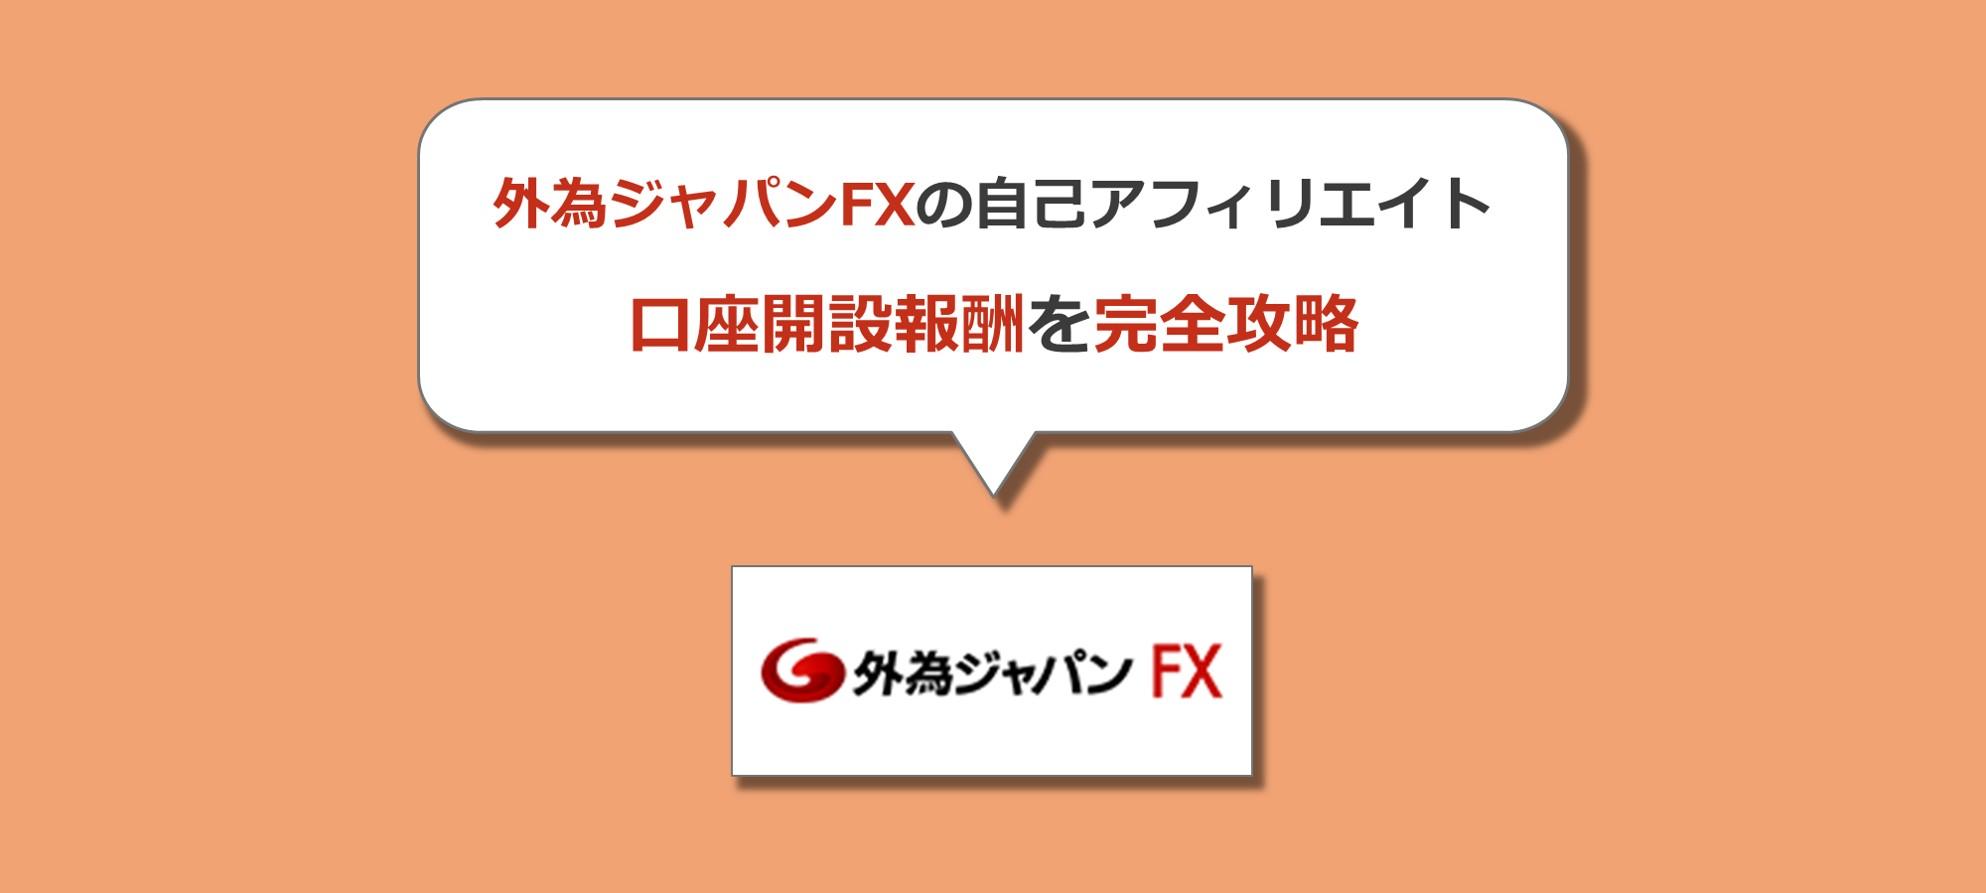 【自己アフィリエイト】外為ジャパンFXで報酬を受取る具体的な取引手順